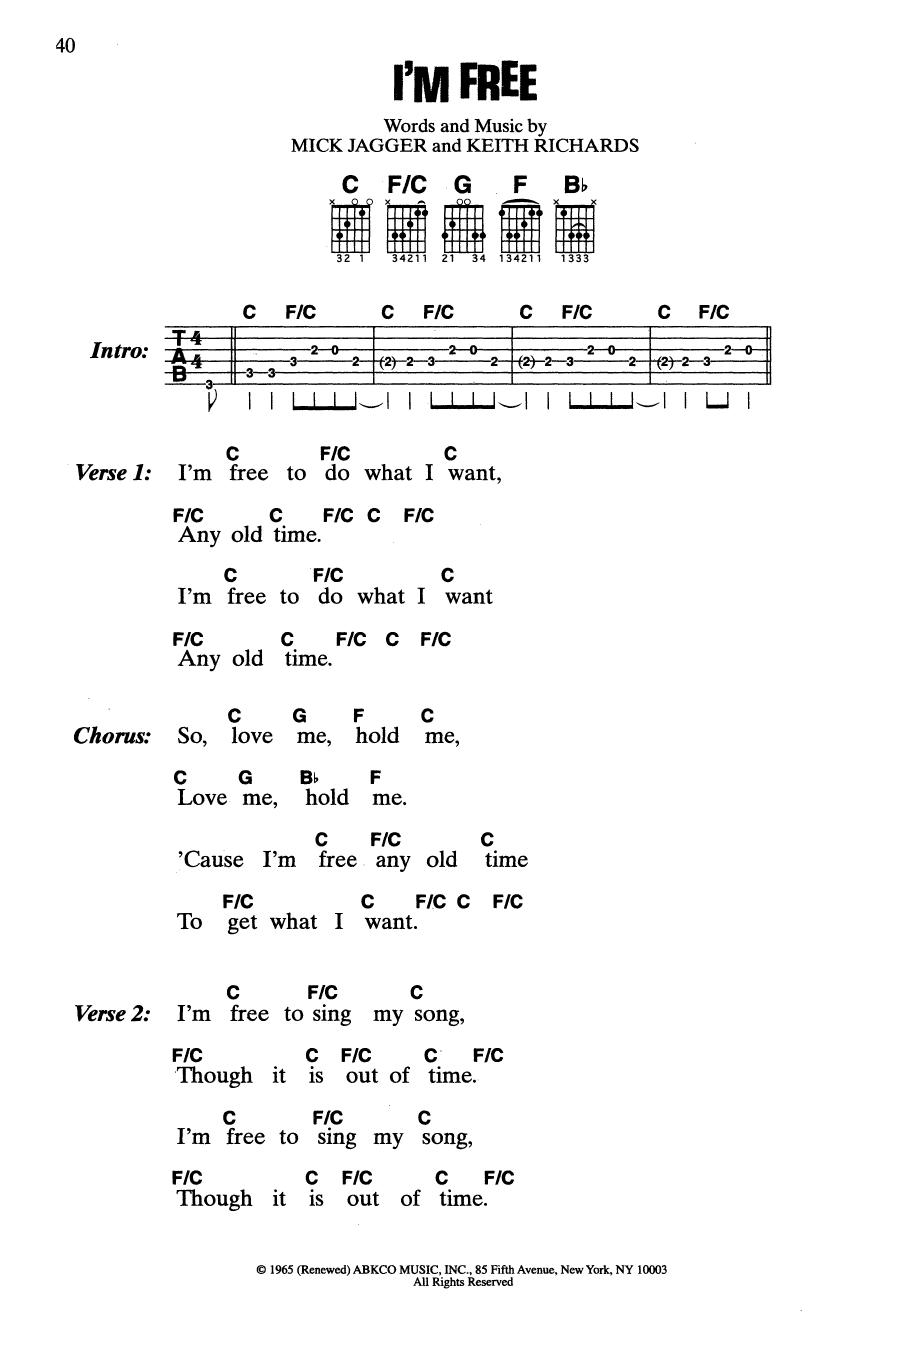 The Rolling Stones I'm Free Sheet Music Notes, Chords   Download Printable  Guitar Chords/Lyrics PDF Score   SKU 15